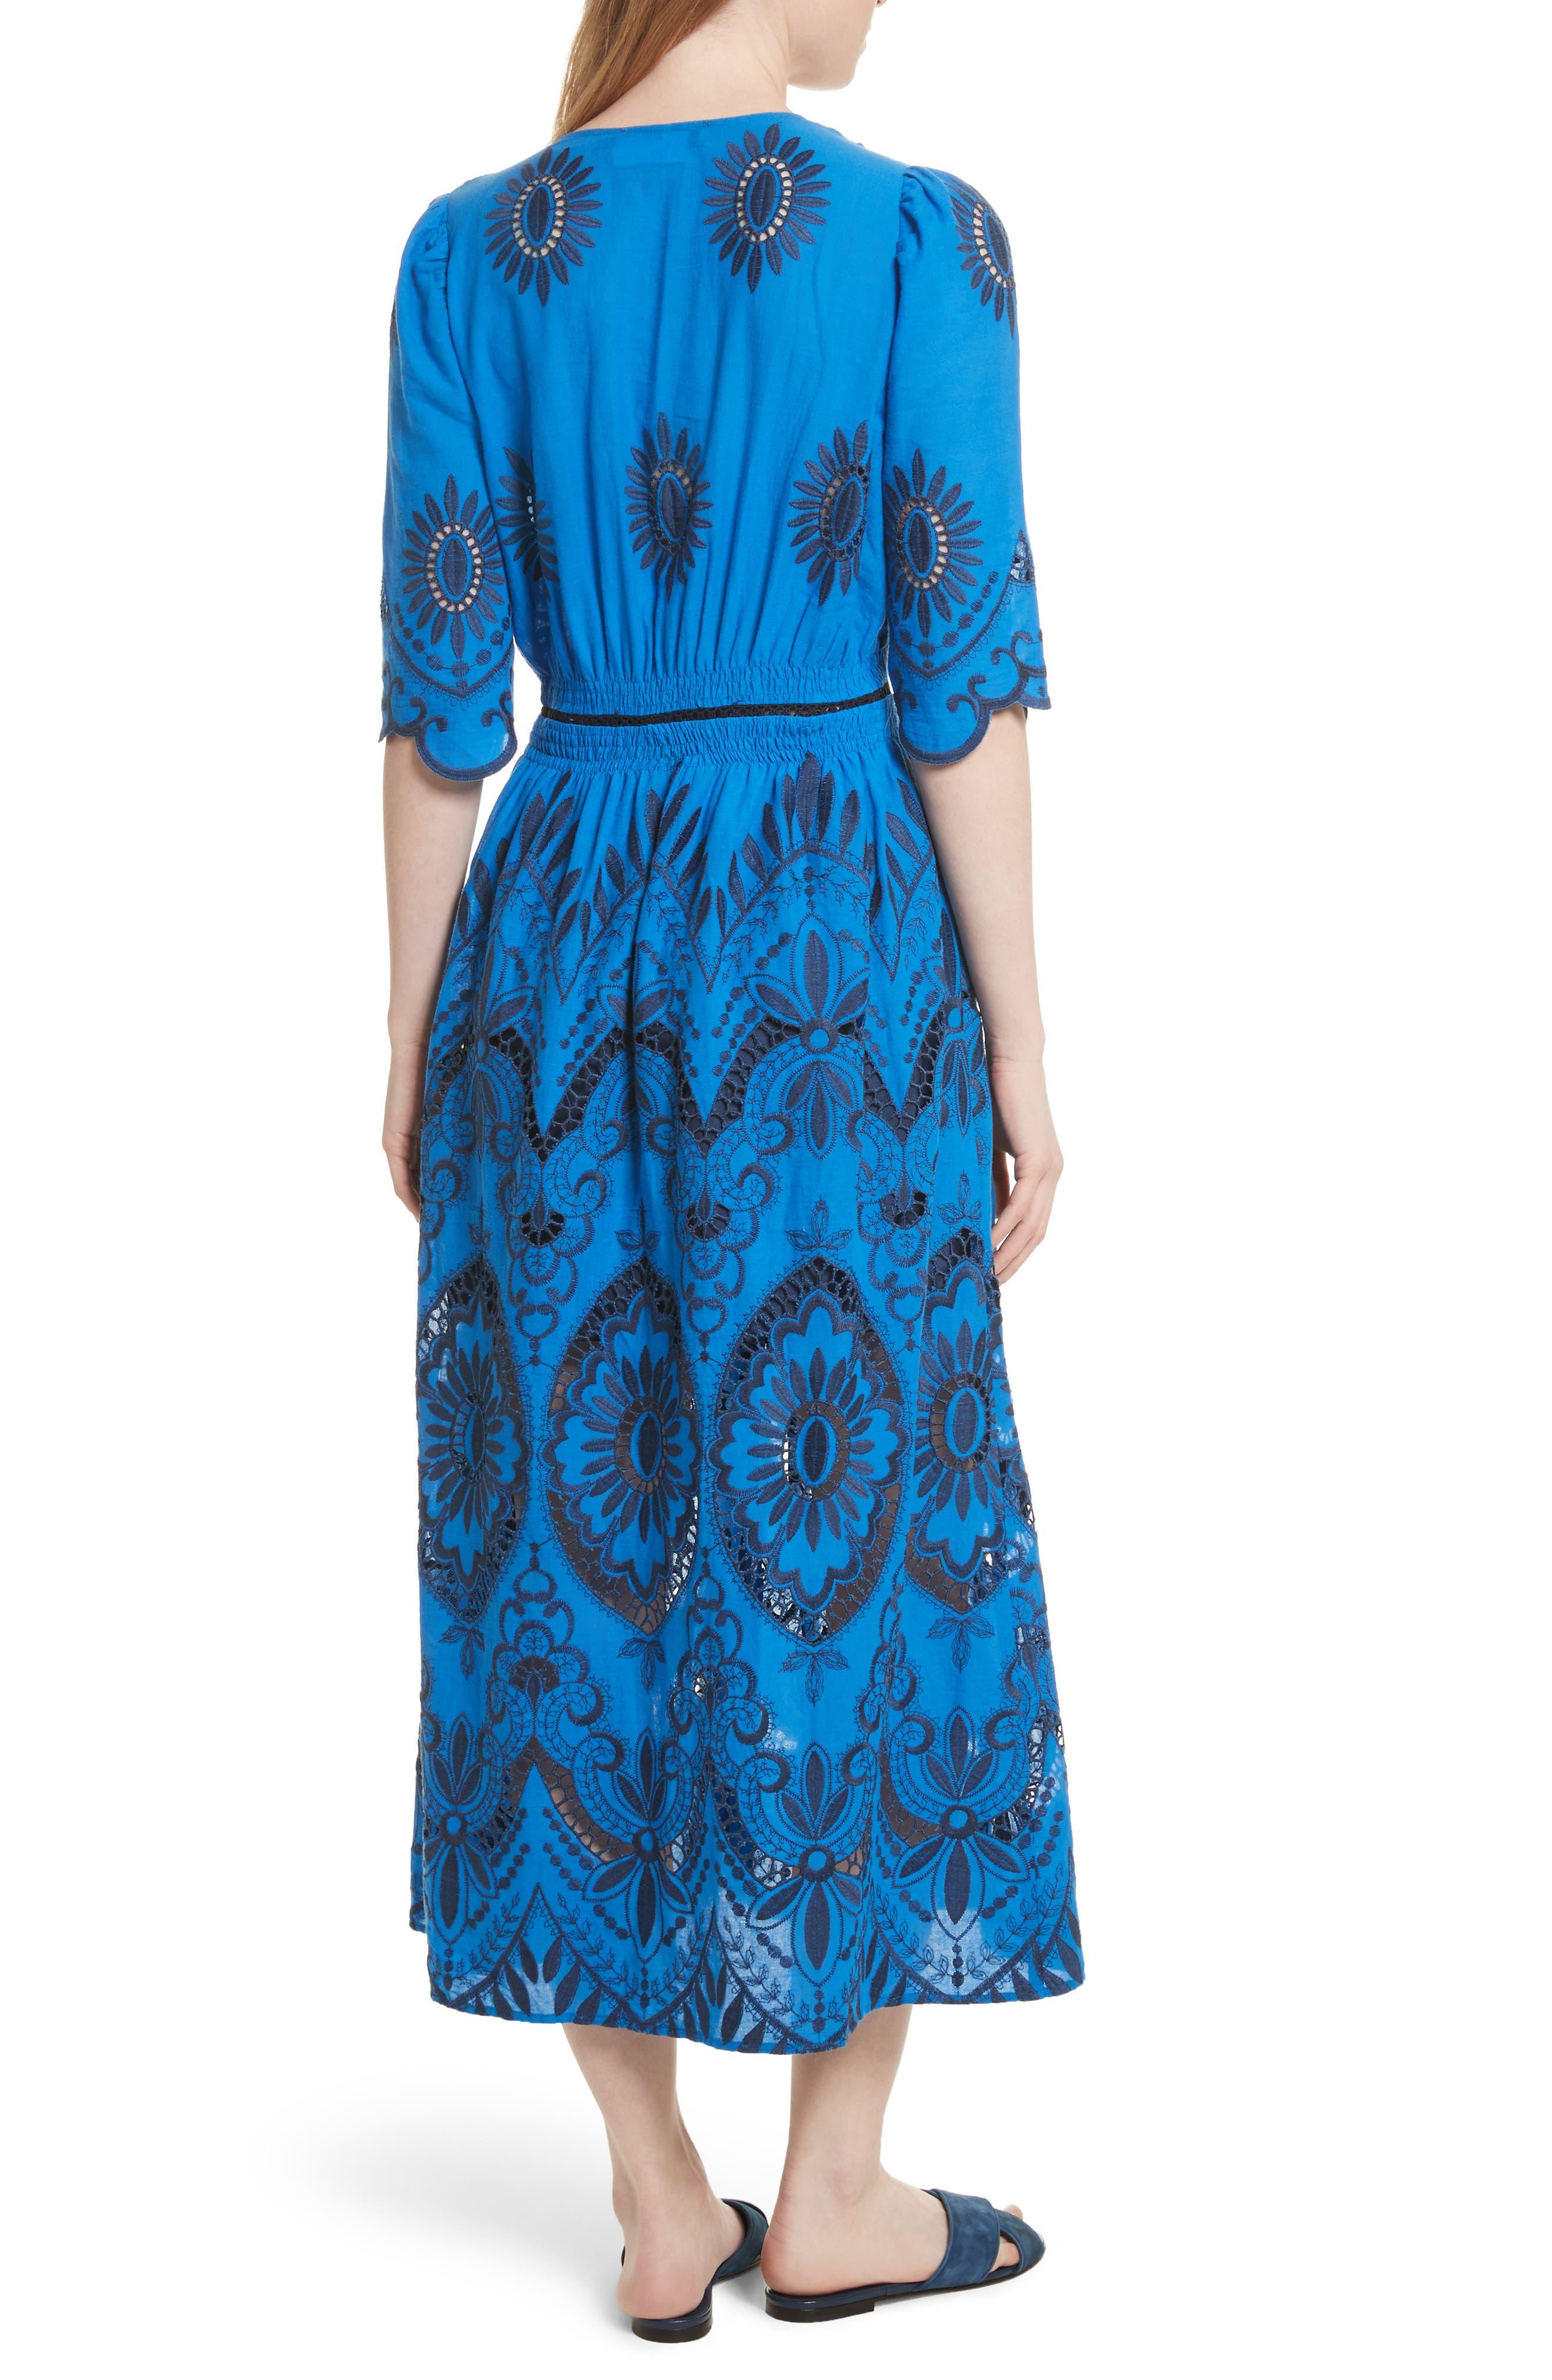 Cotton Eyelet Maxi Dress,                             Alternate thumbnail 2, color,                             Blue/ Navy